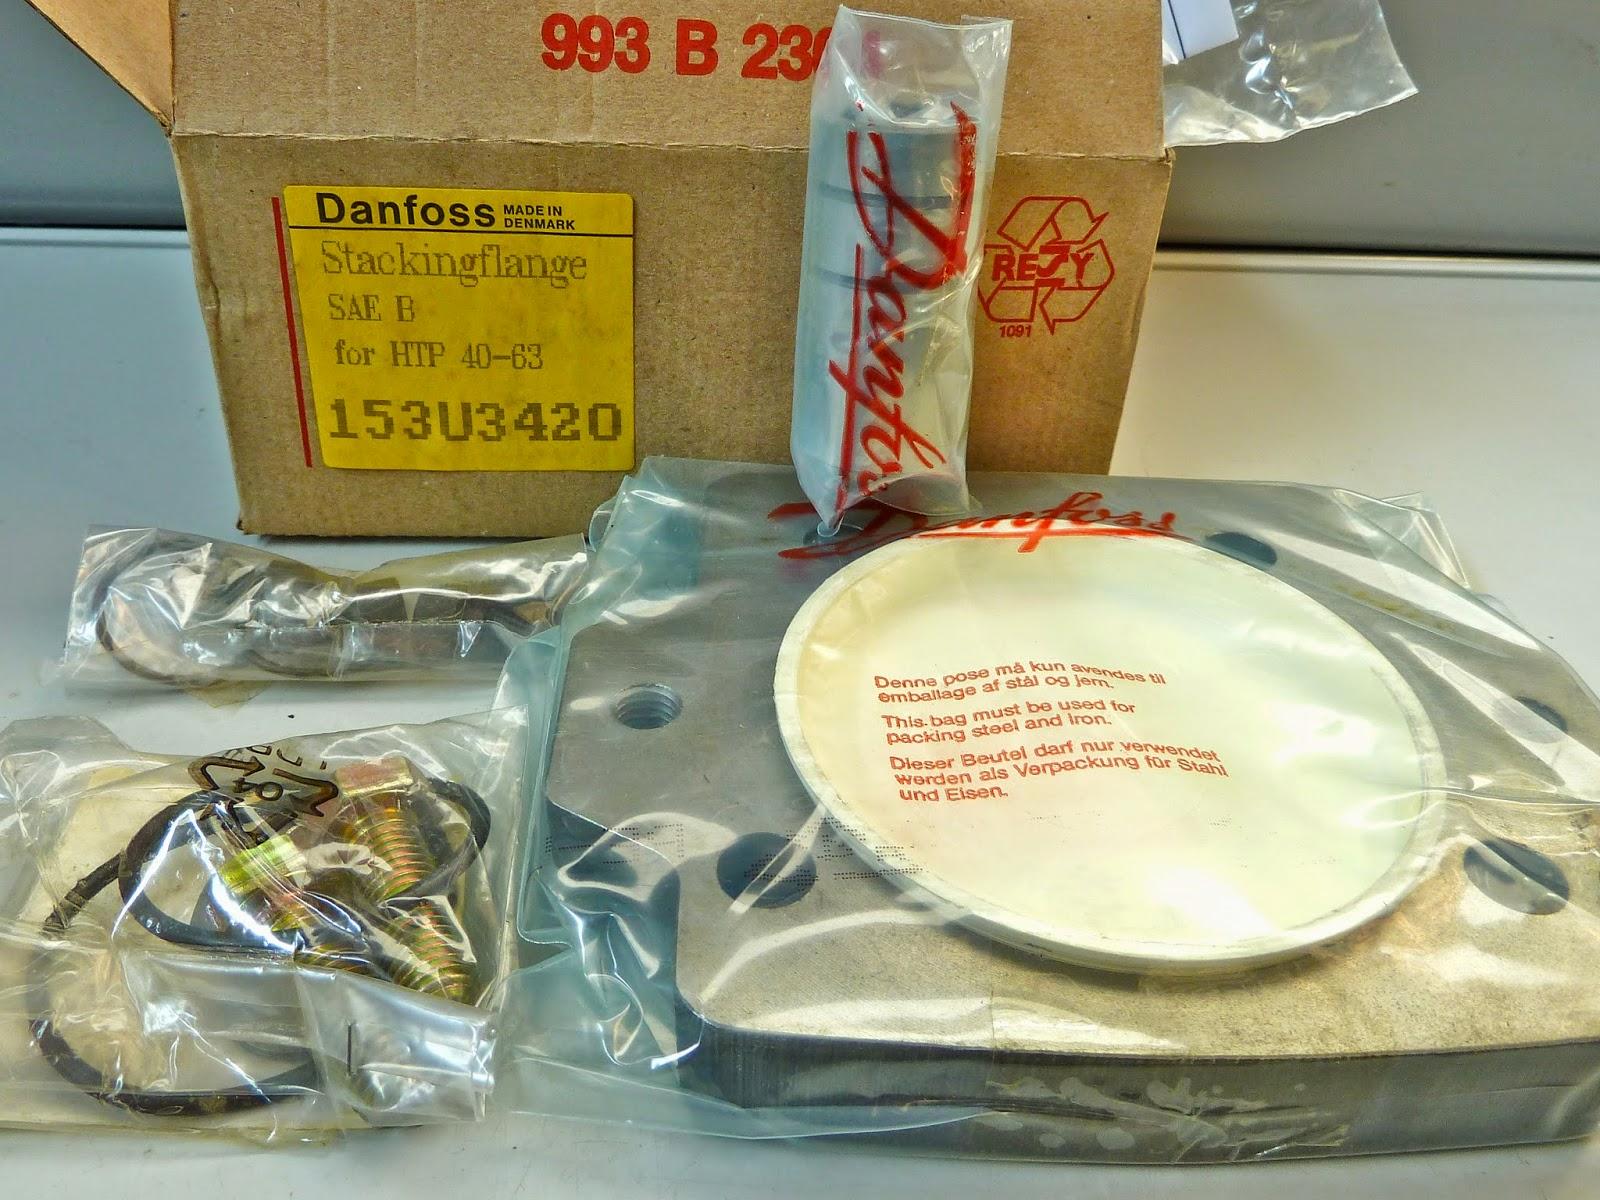 Danfoss 153U3420